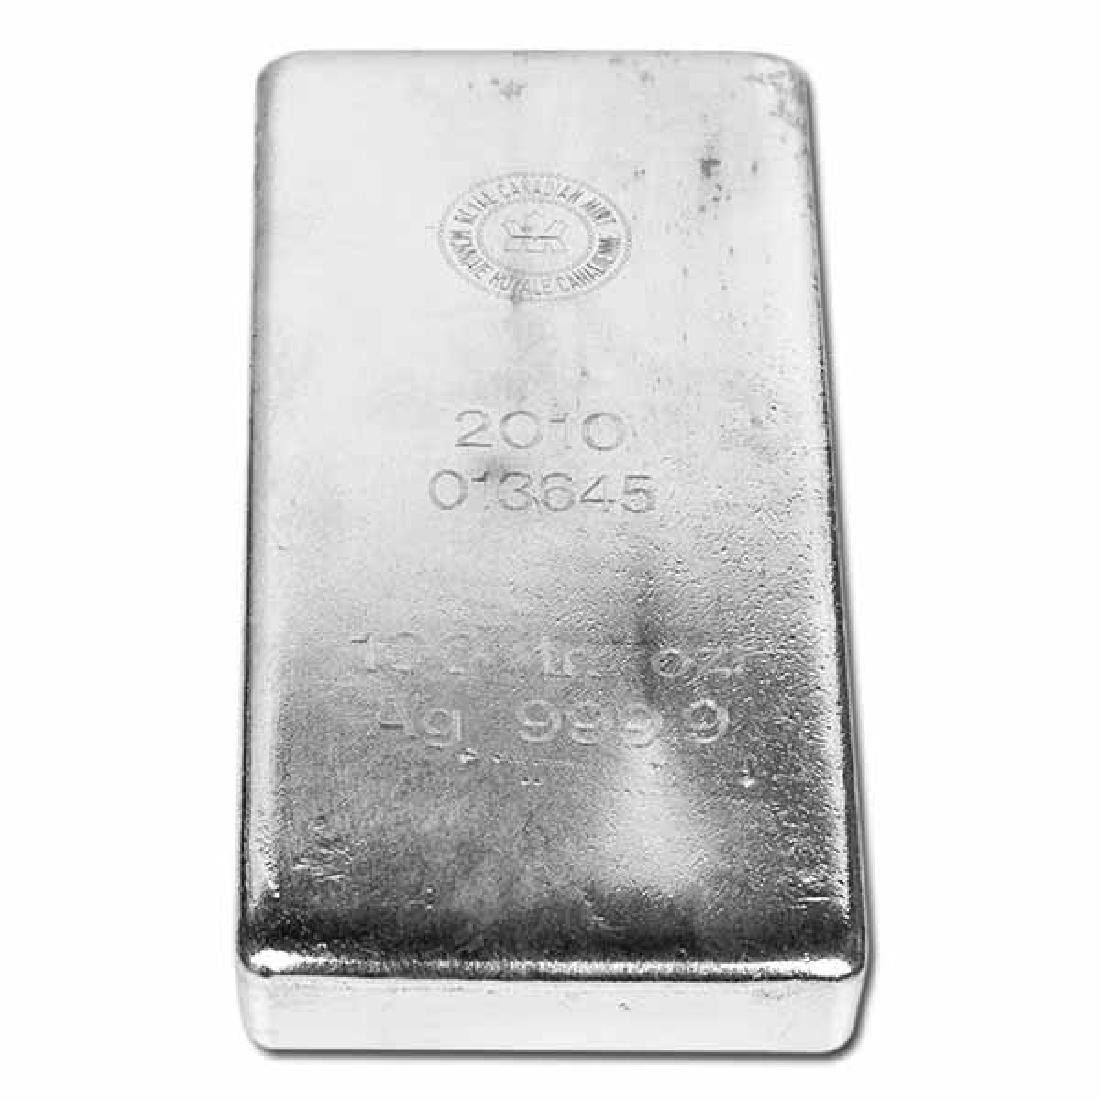 Royal Canadian Mint RCM Silver Bar 100 oz